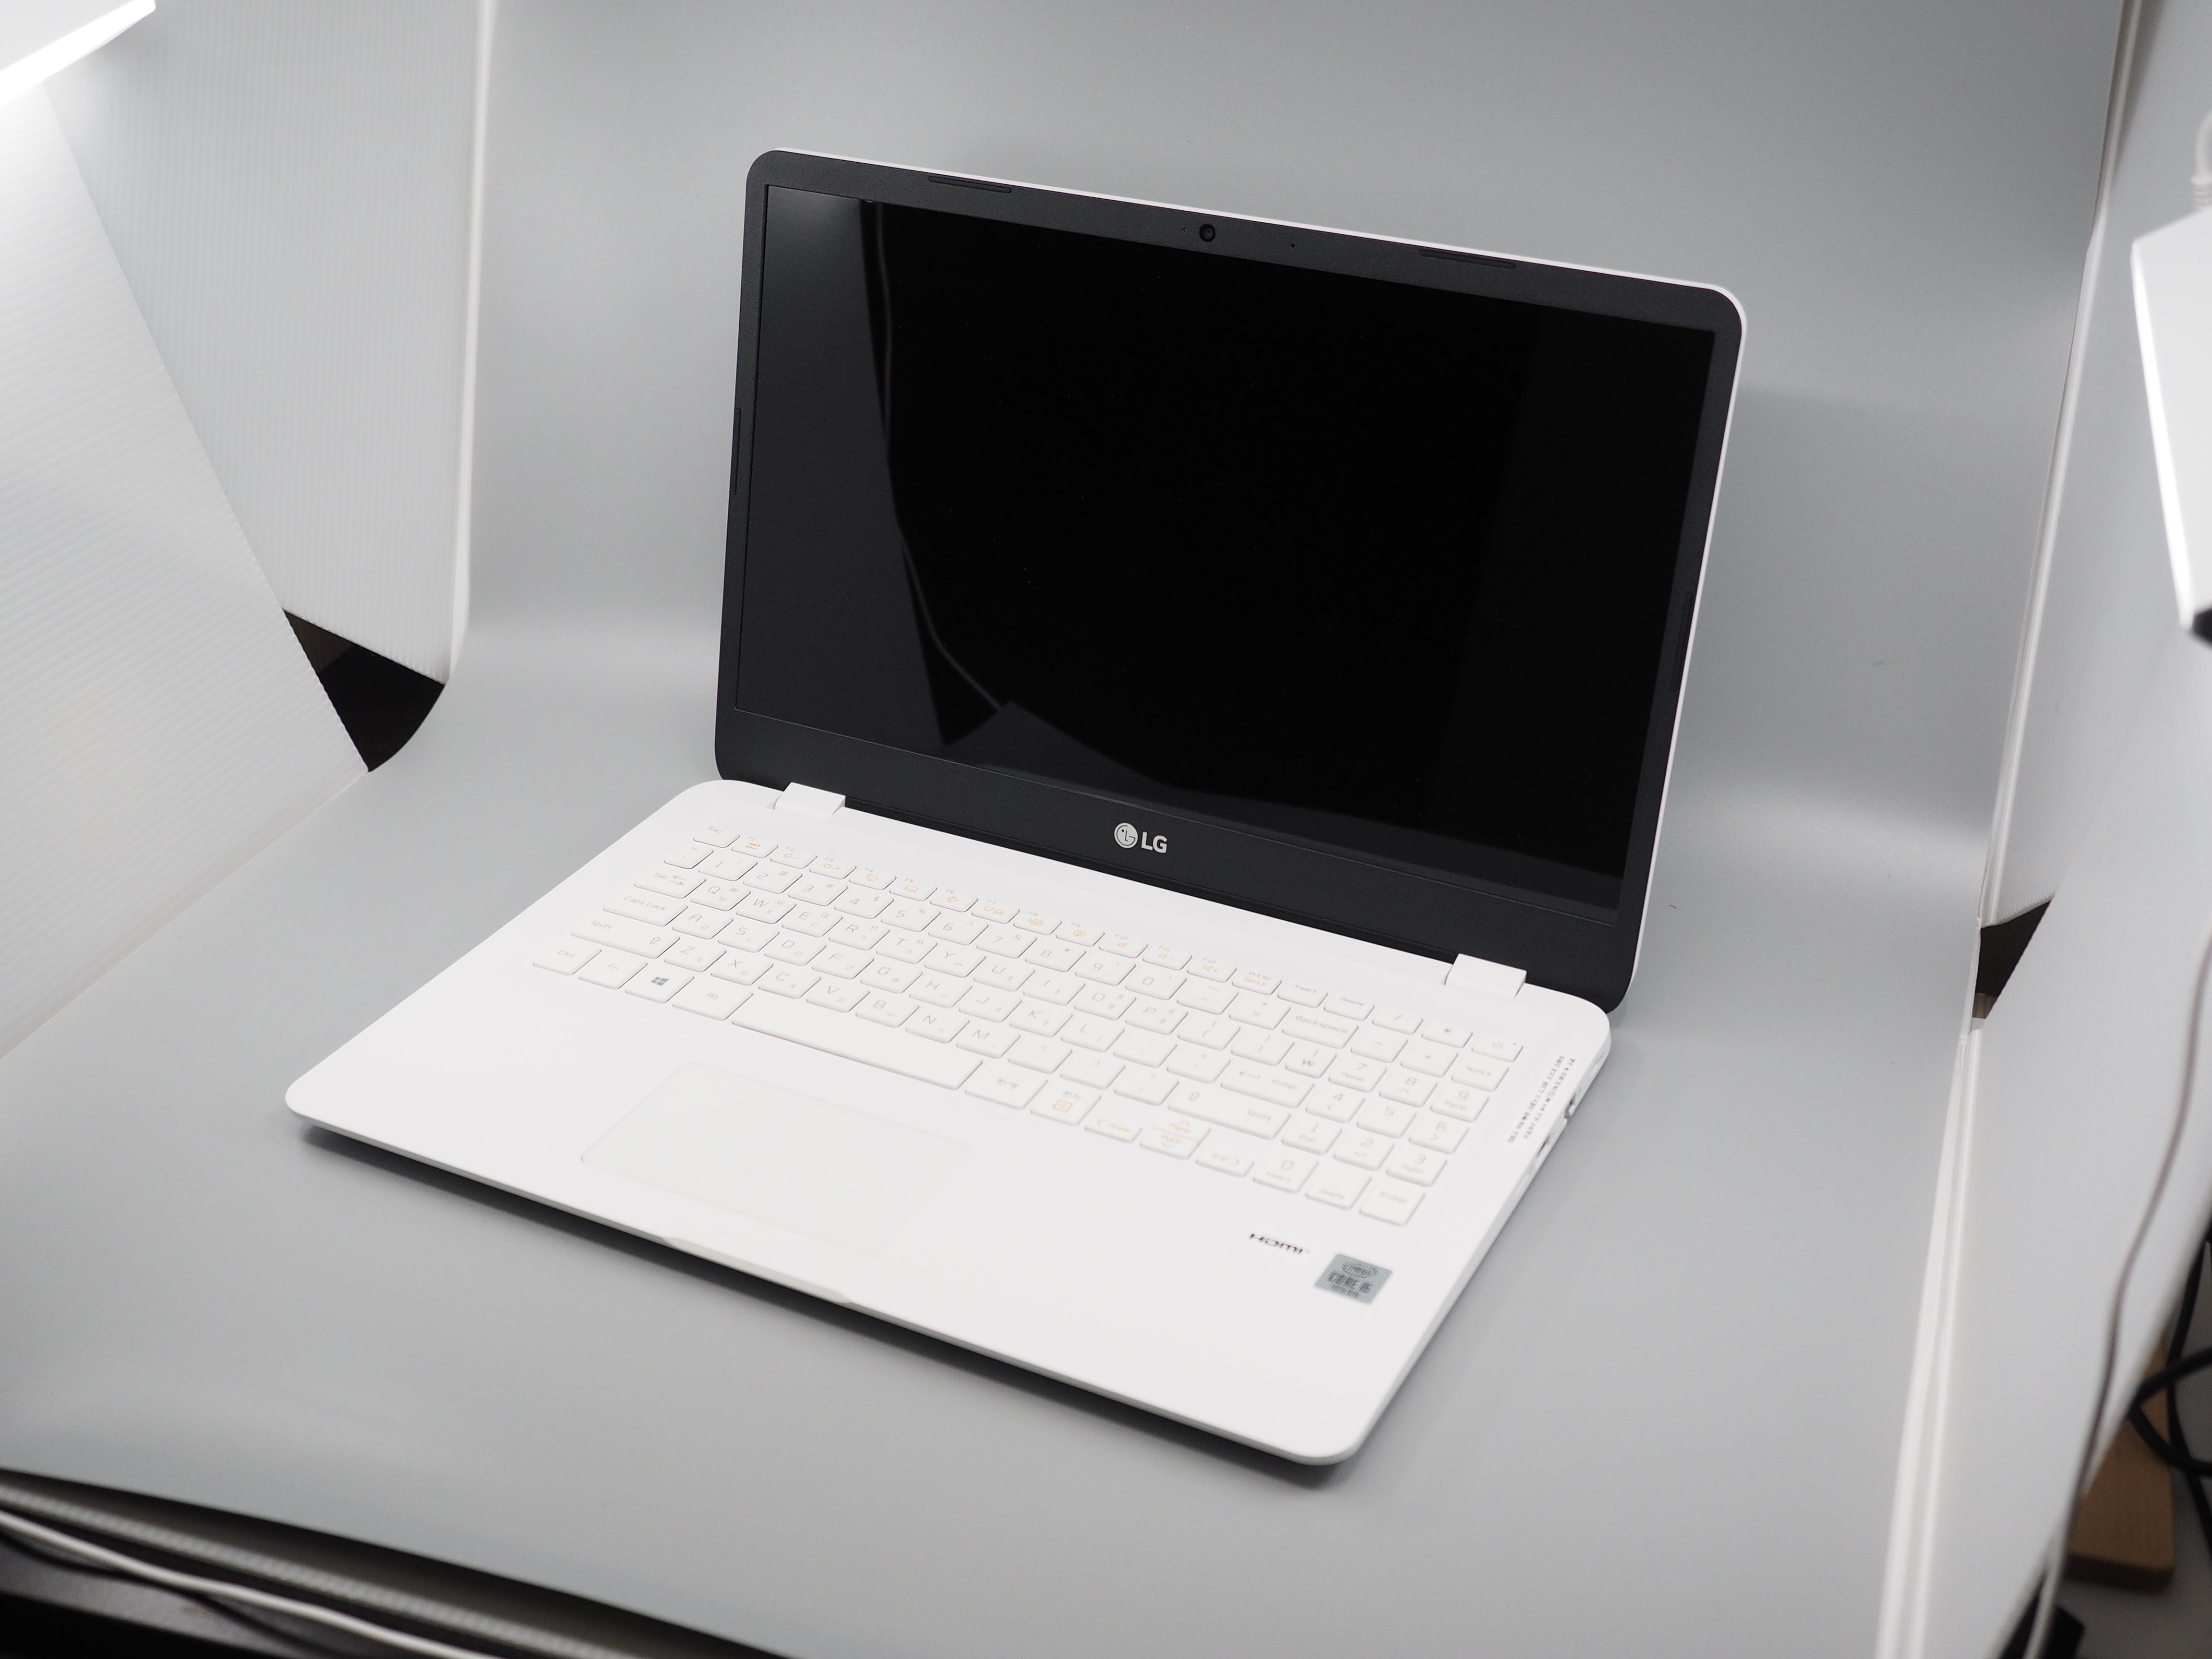 인강용 노트북, 사무용까지 추천하는 LG 울트라 PC 15UD50N-GX50K 15인치형